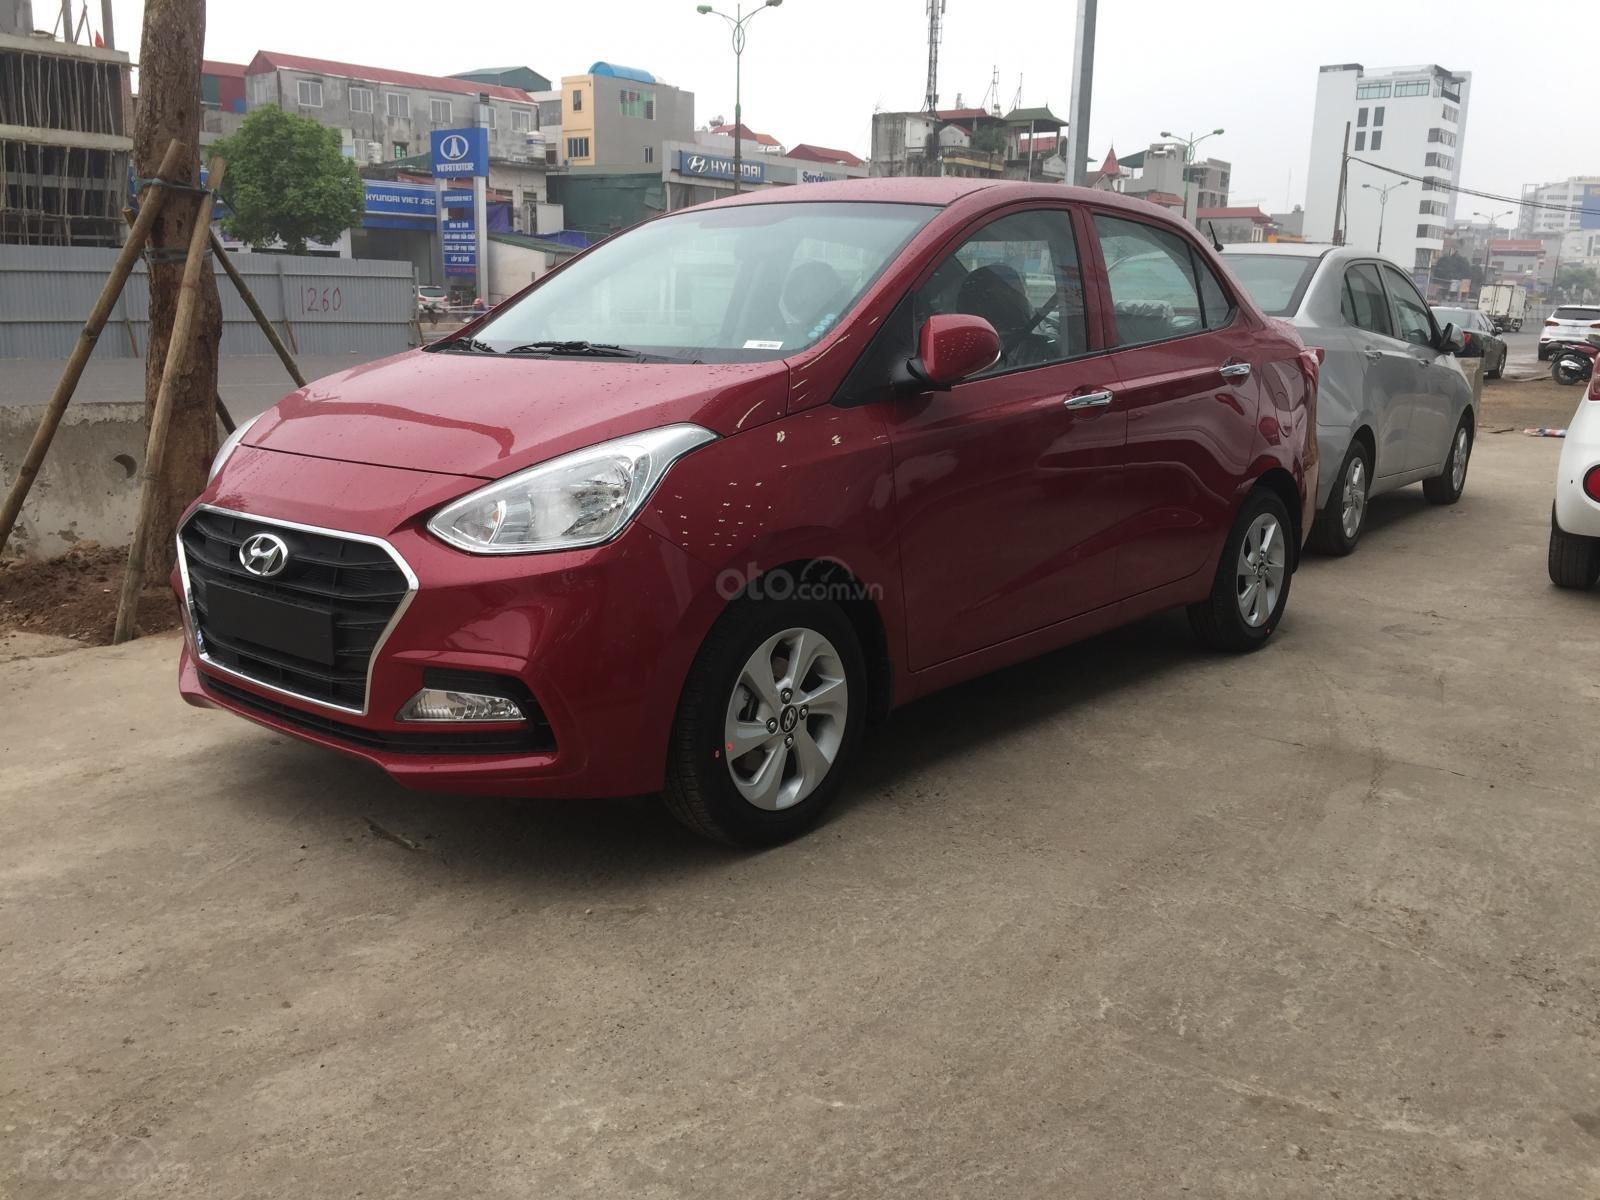 Bán xe Hyundai Grand i10 Sedan MT sản xuất 2019, màu đỏ, xe sẵn giao ngay (3)